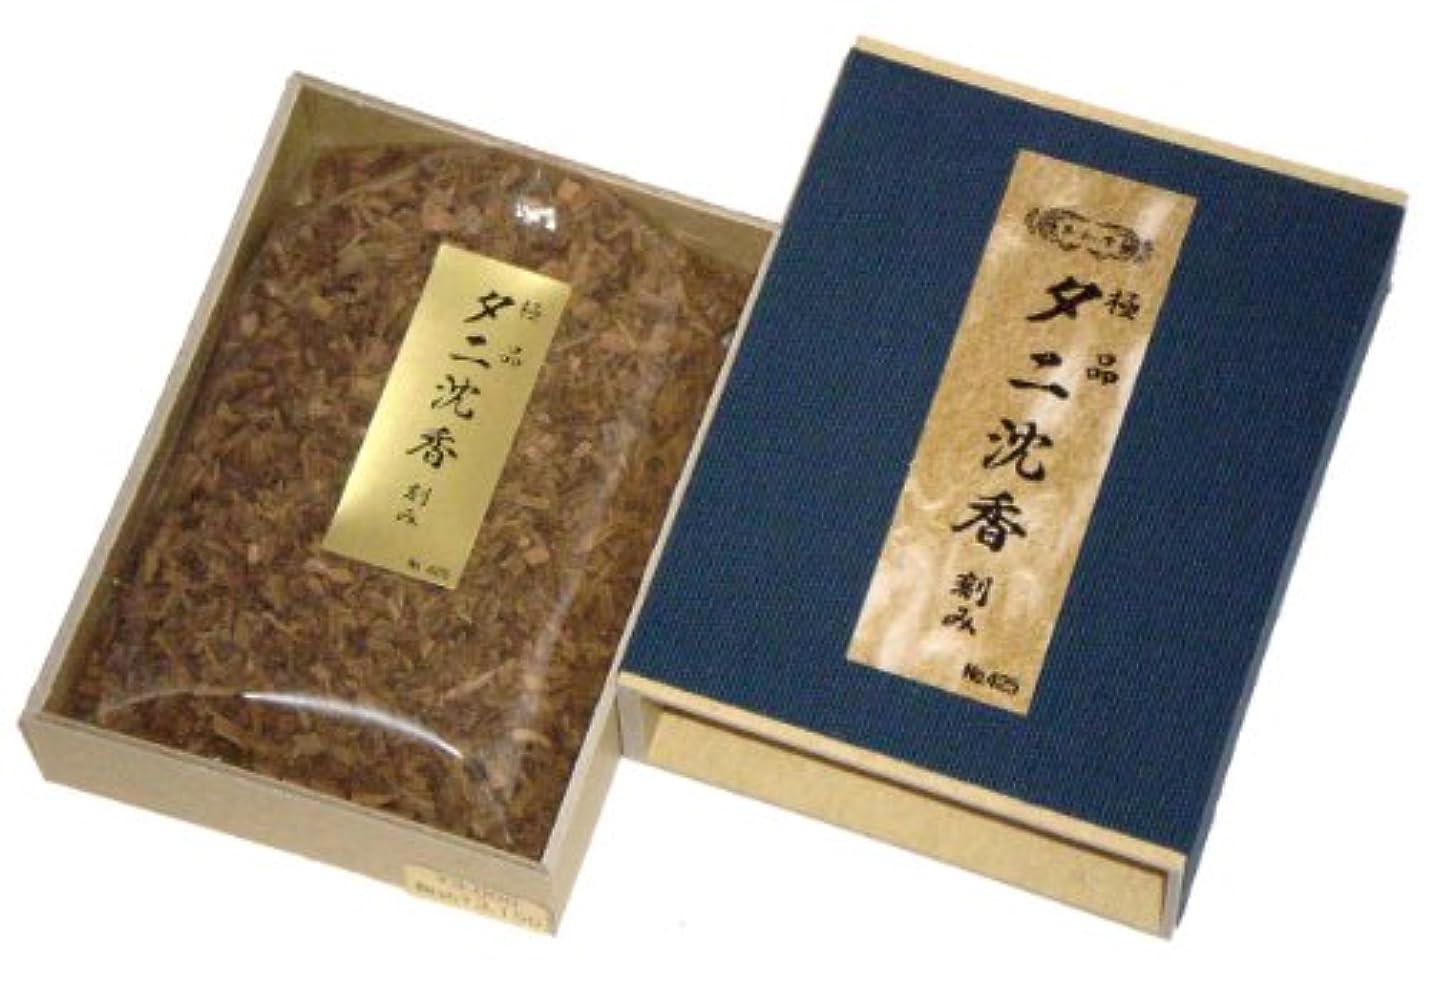 やさしいベアリングサークルタヒチ玉初堂のお香 極品タニ沈香 刻み 化粧箱(布貼)入 #425